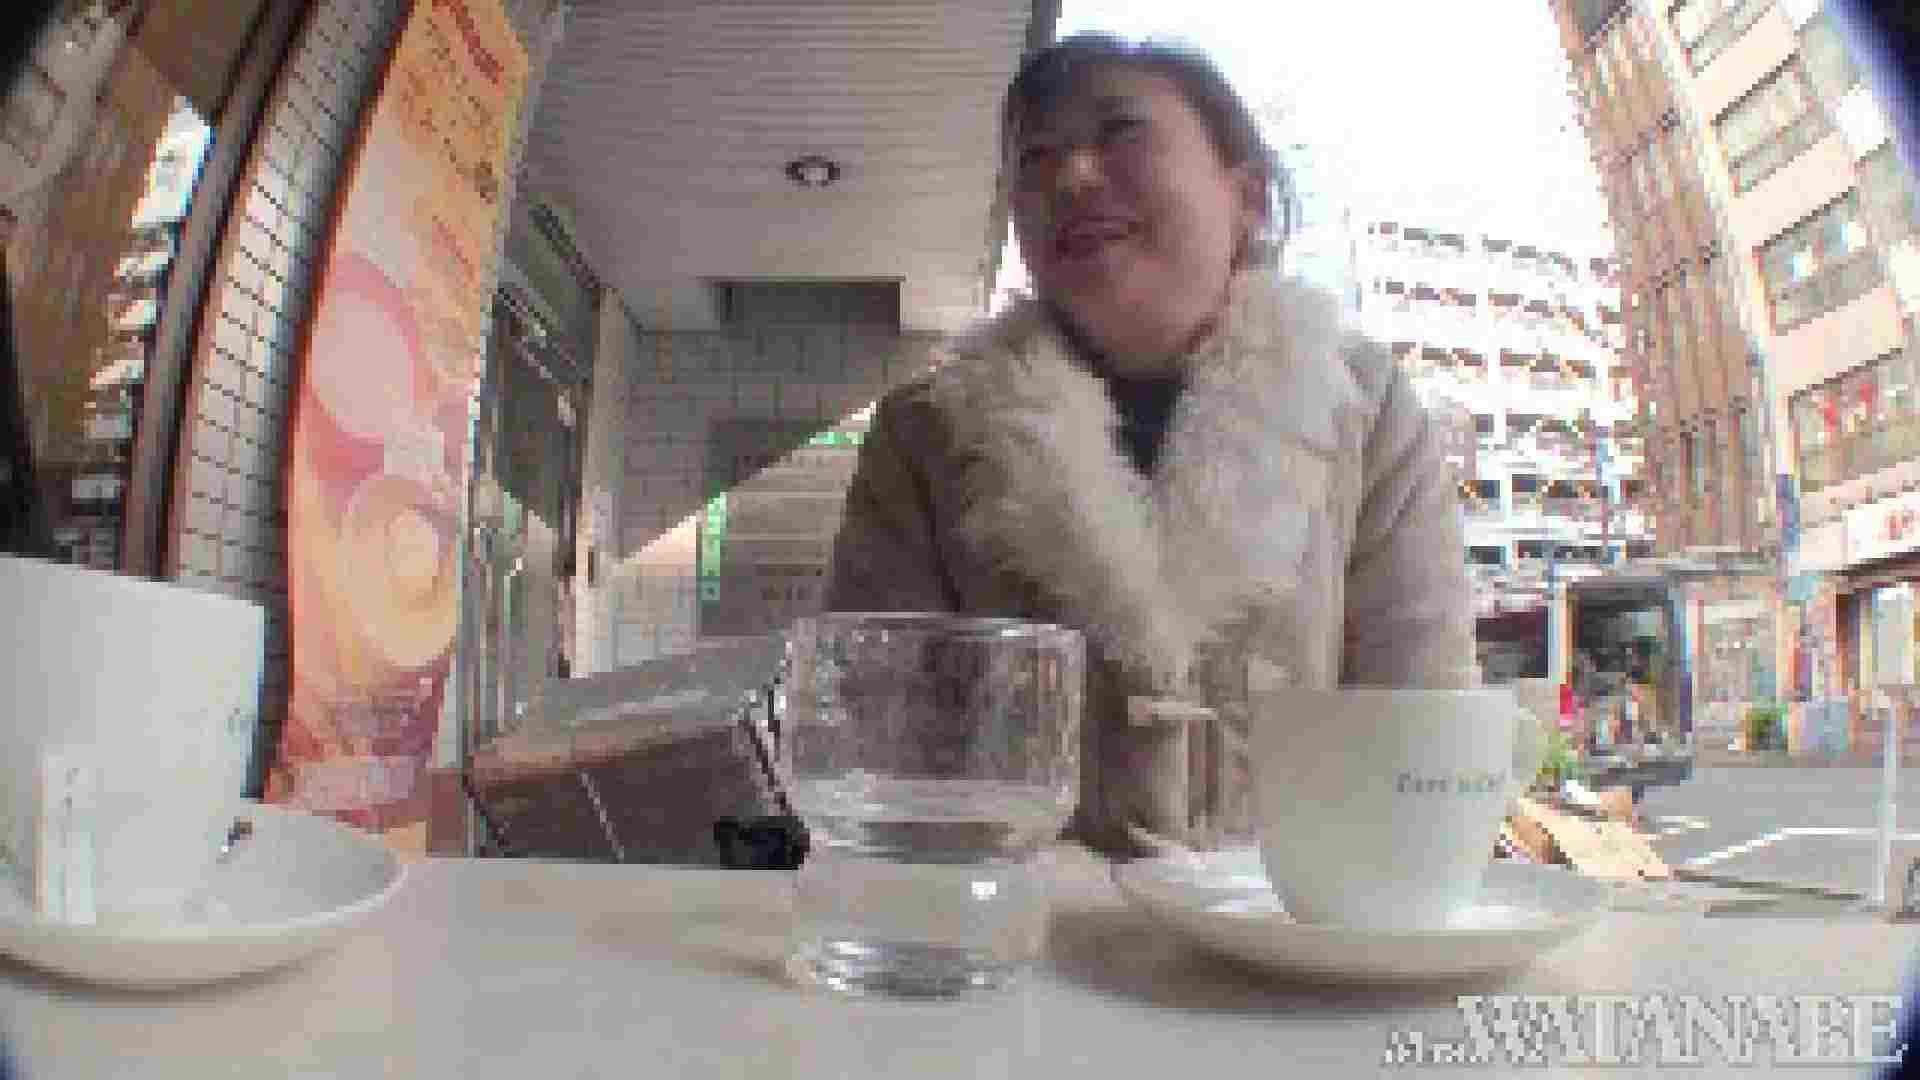 撮影スタッフを誘惑する痴熟女 かおり40歳 Vol.01 OLのエッチ オマンコ動画キャプチャ 73pic 46